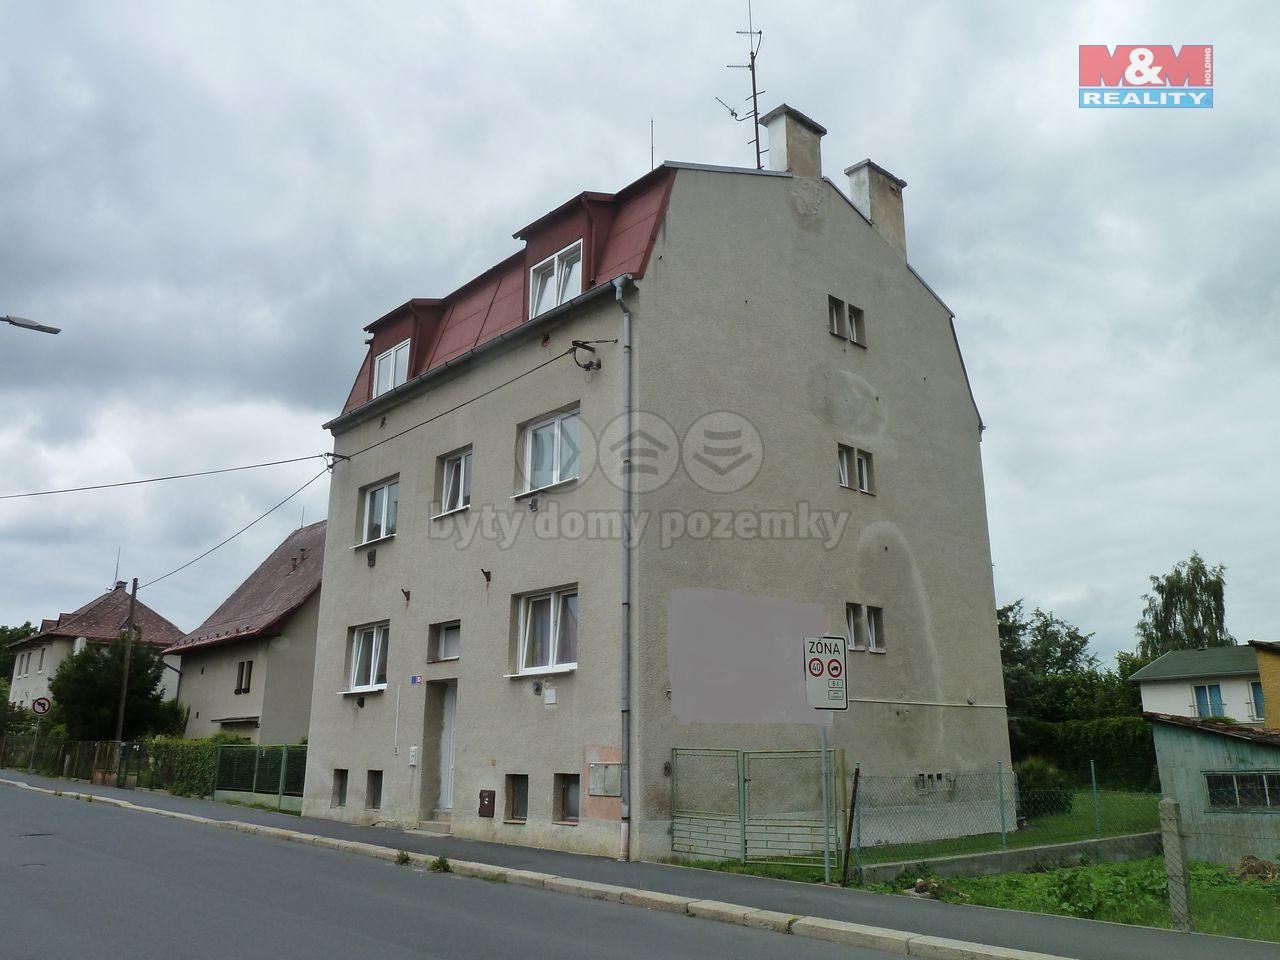 Prodej, byt 1+1, 54 m2, Františkovy Lázně, ul. Májová